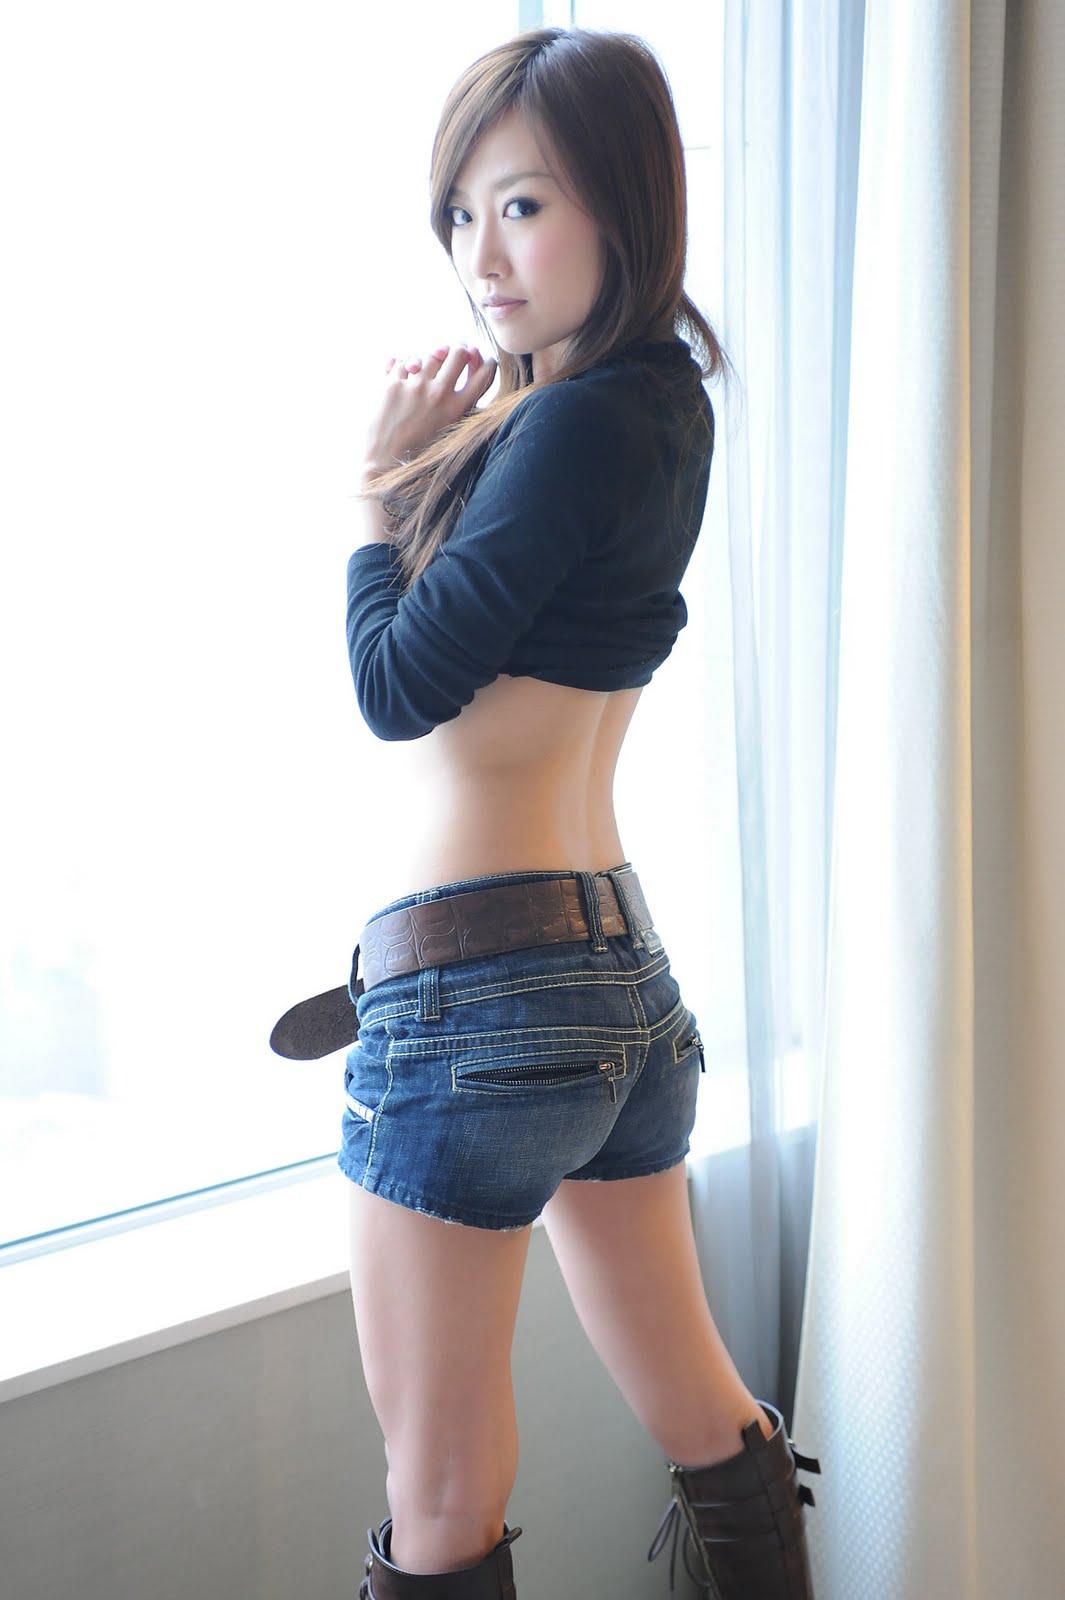 vietnamese girl in shorts